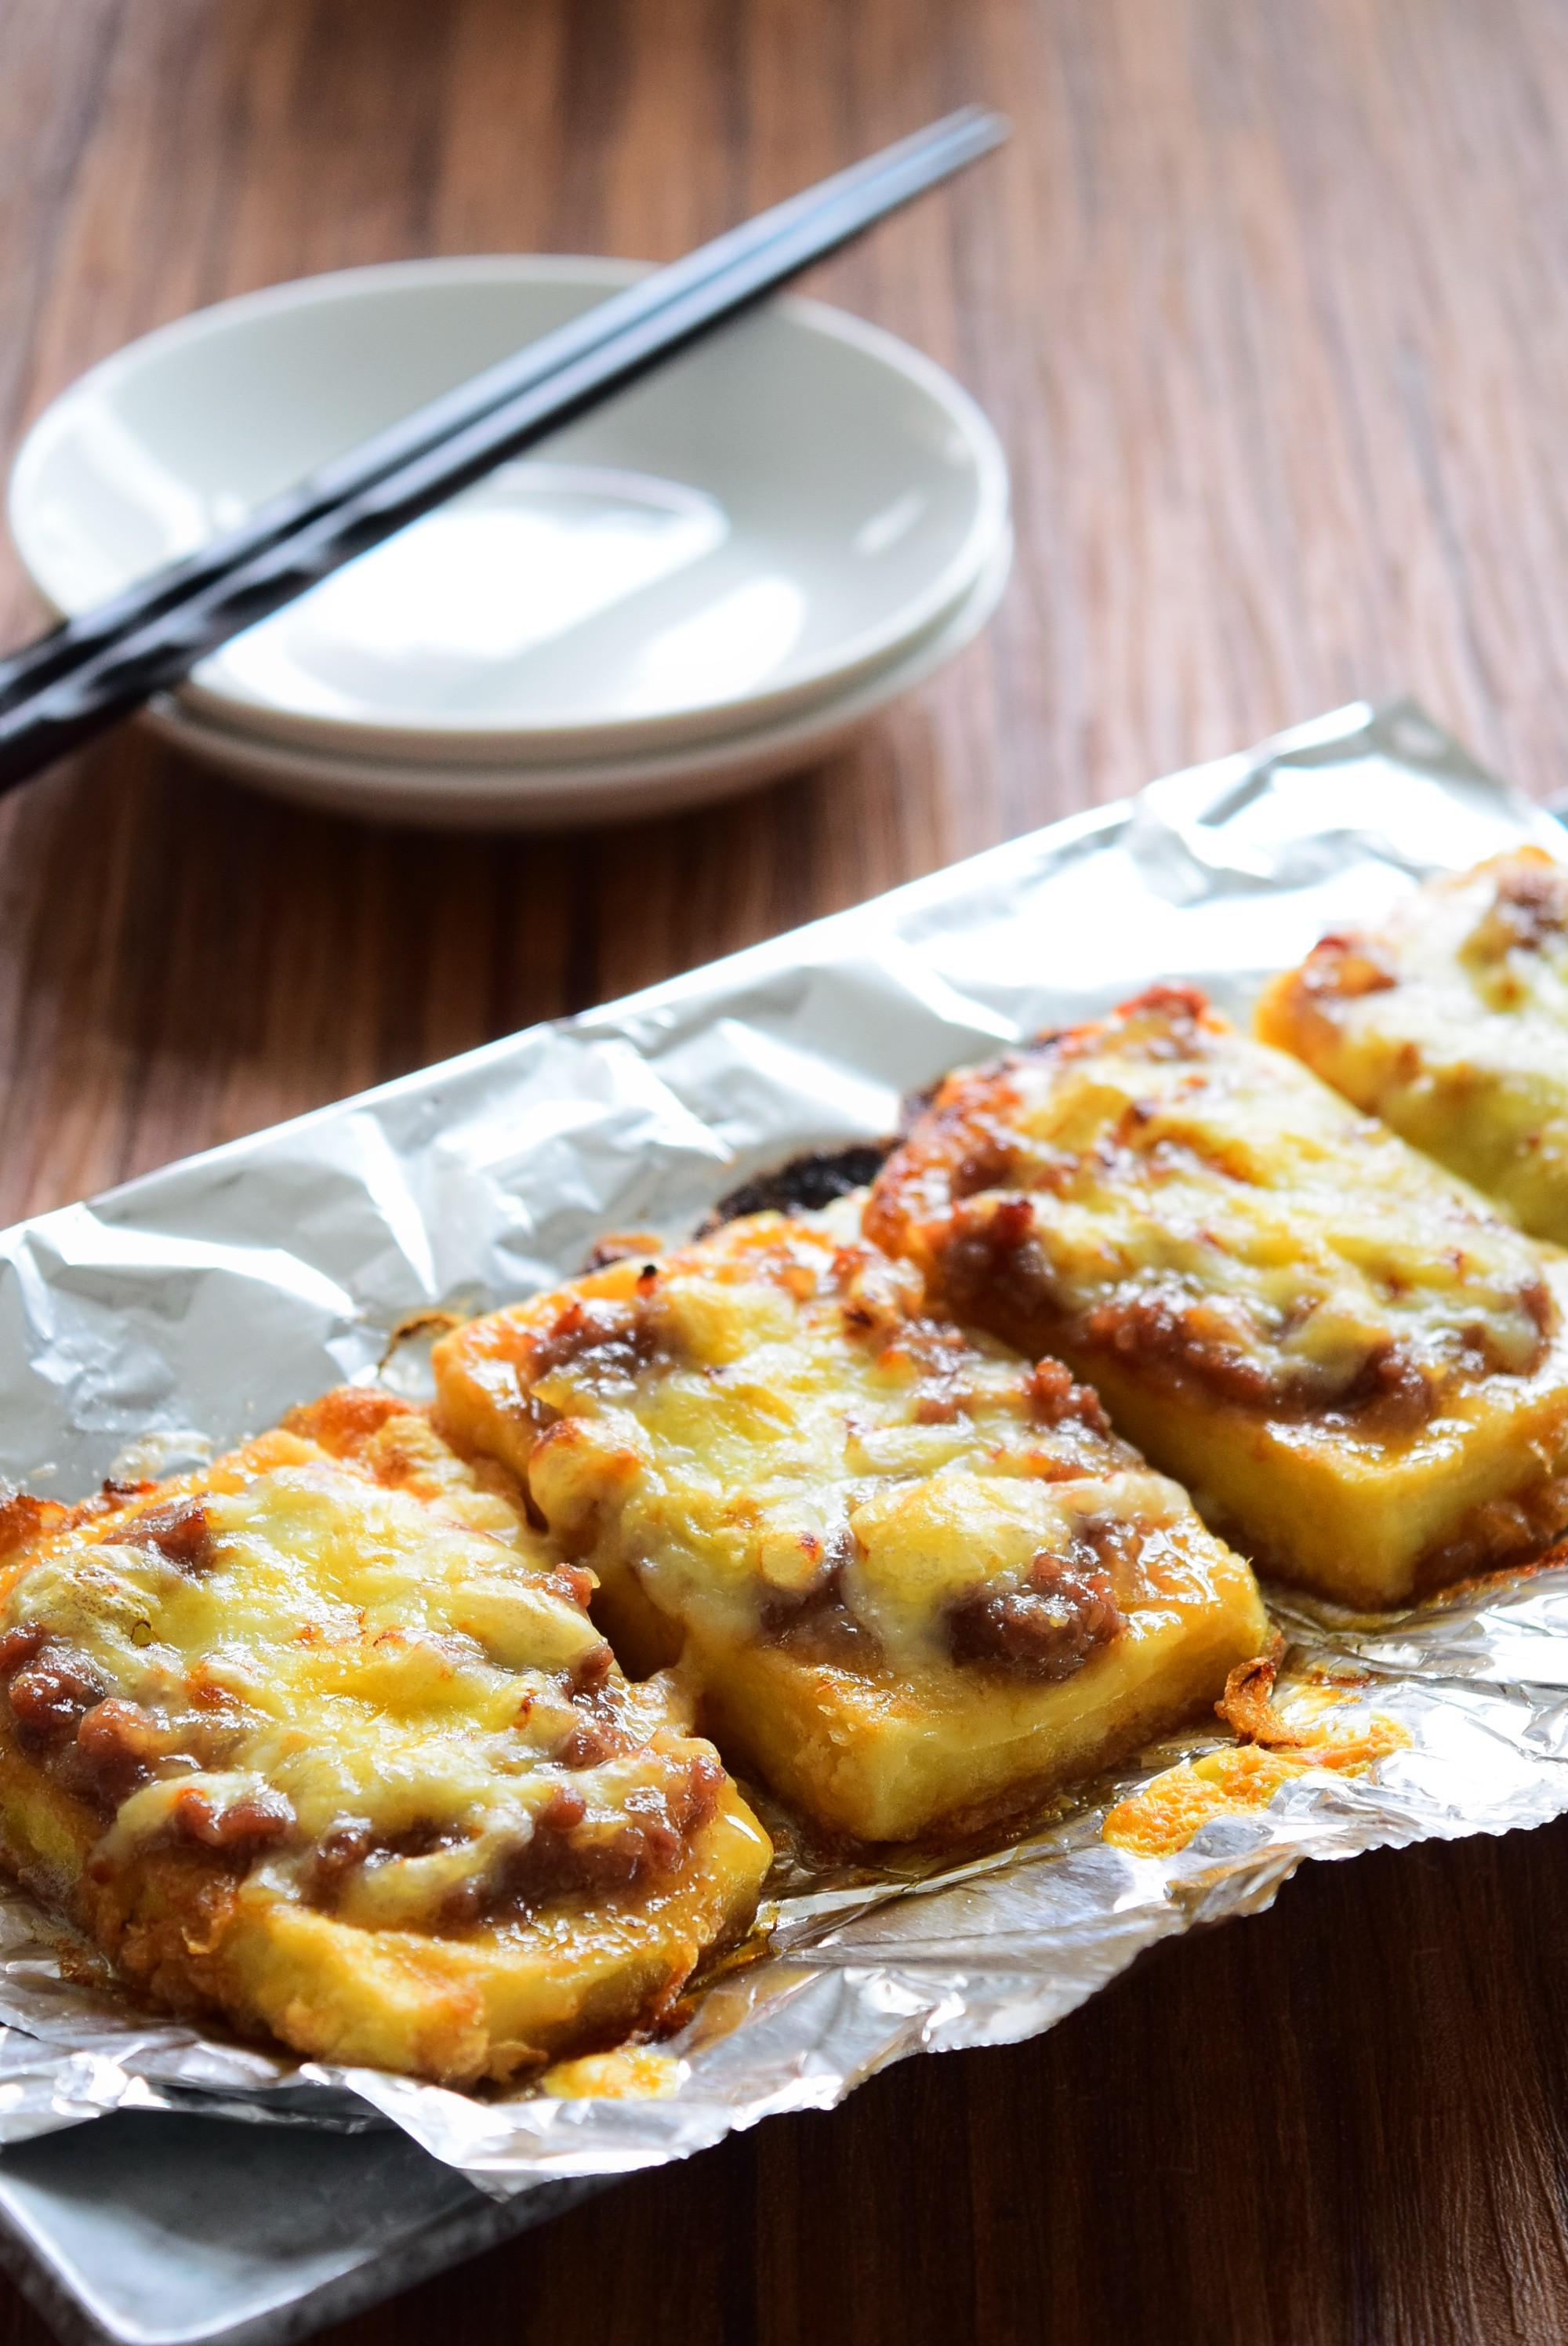 豆腐の肉味噌のせチーズ焼きのレシピ